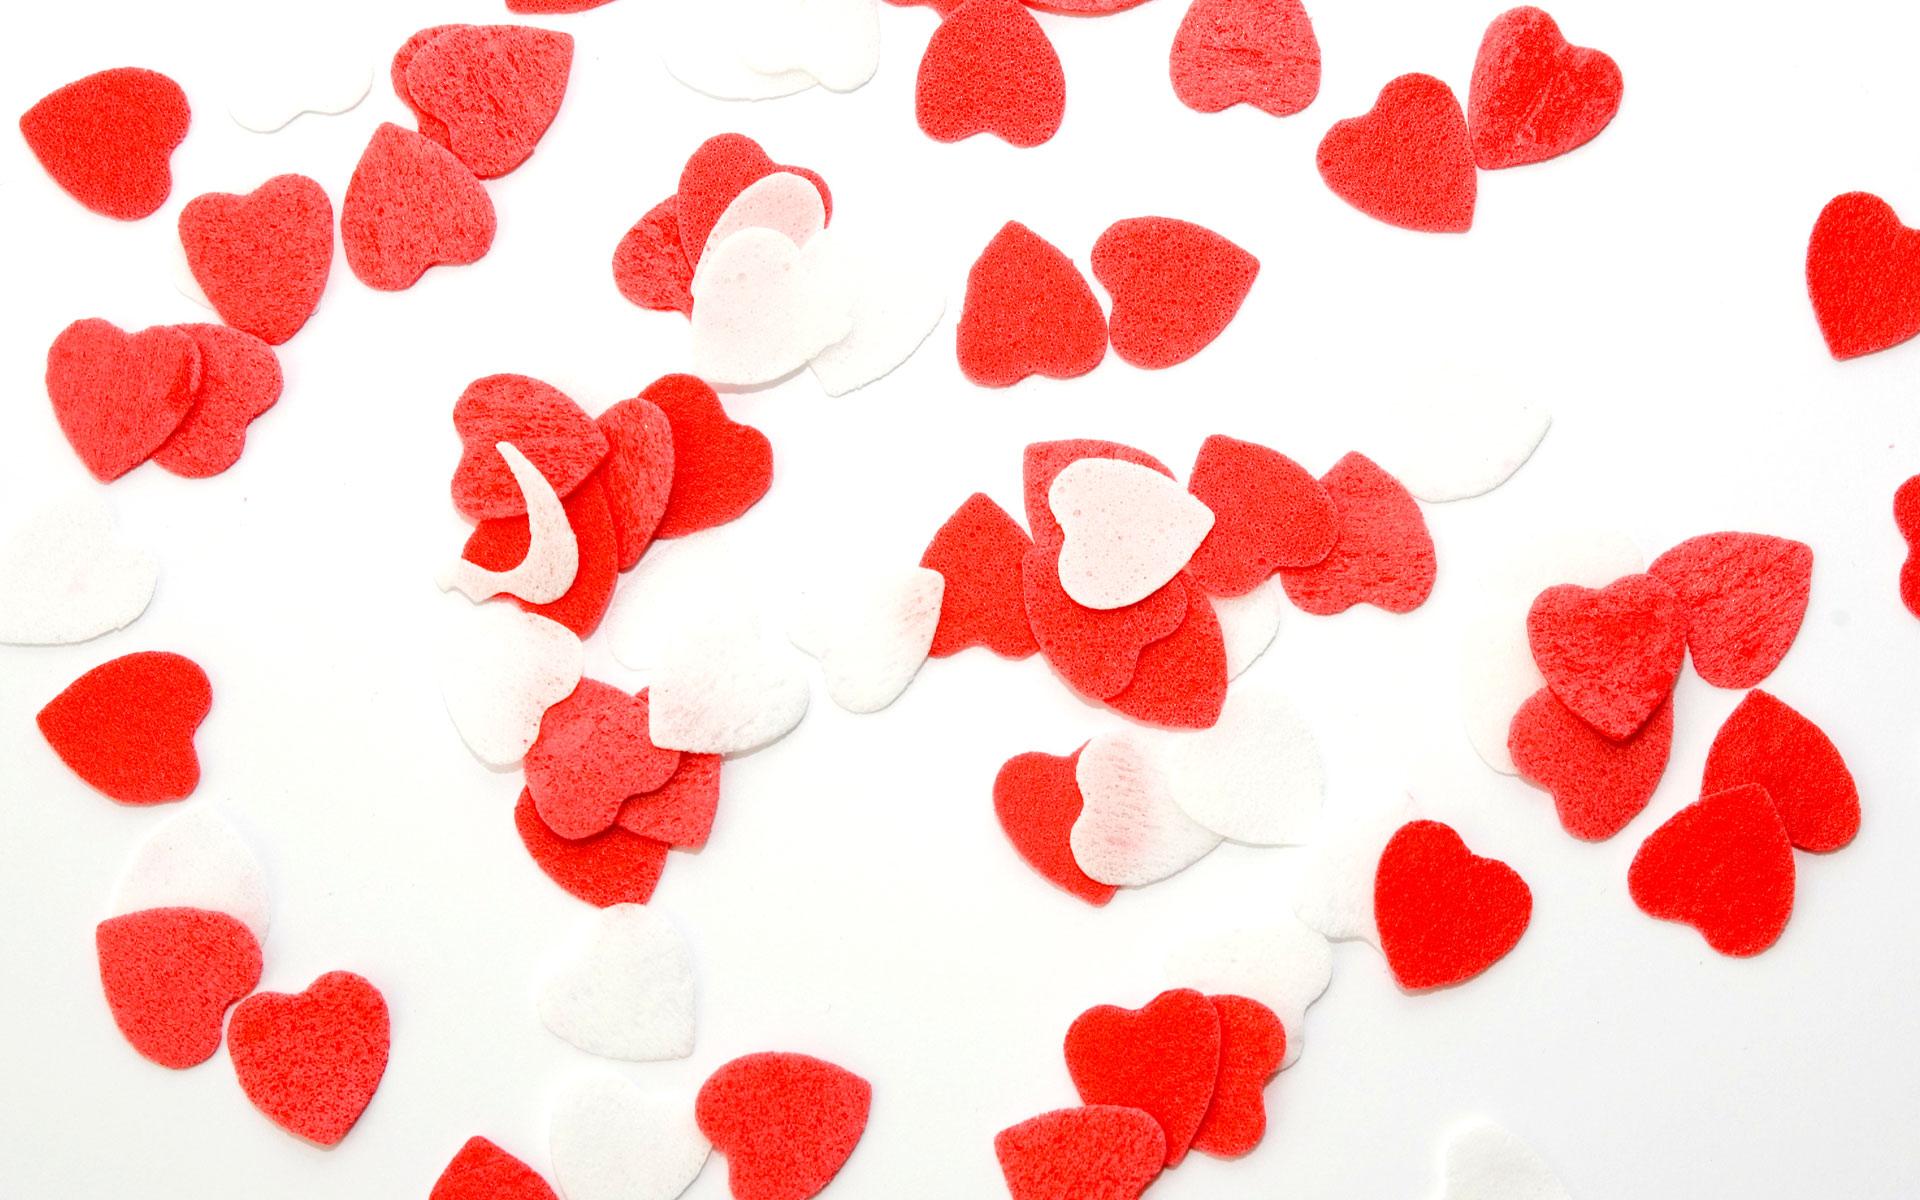 صور قلوب وحب ورومانسية وصورة قلب HD  (8)